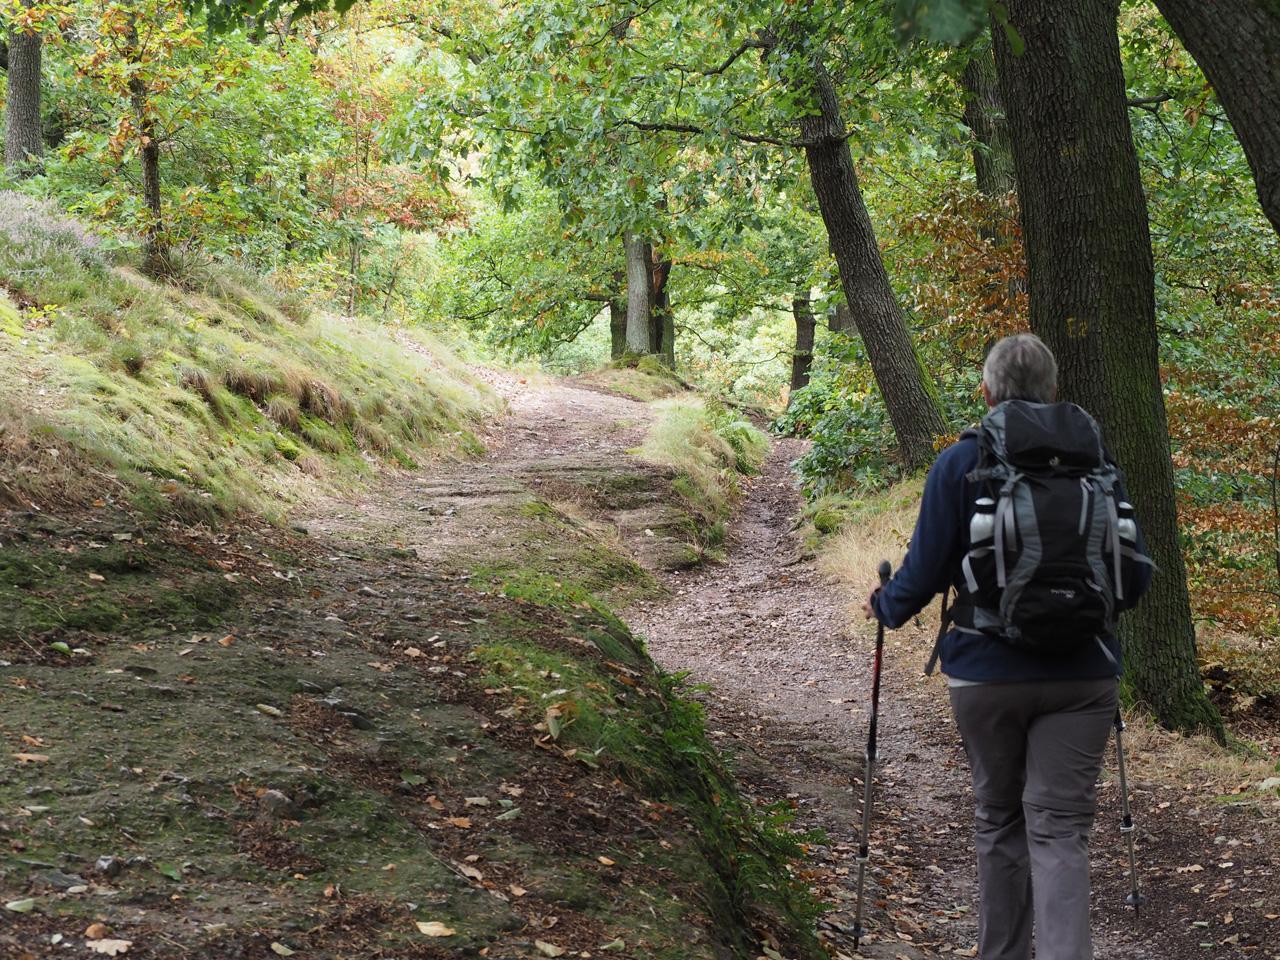 op weg naar het kasteel Wartburg